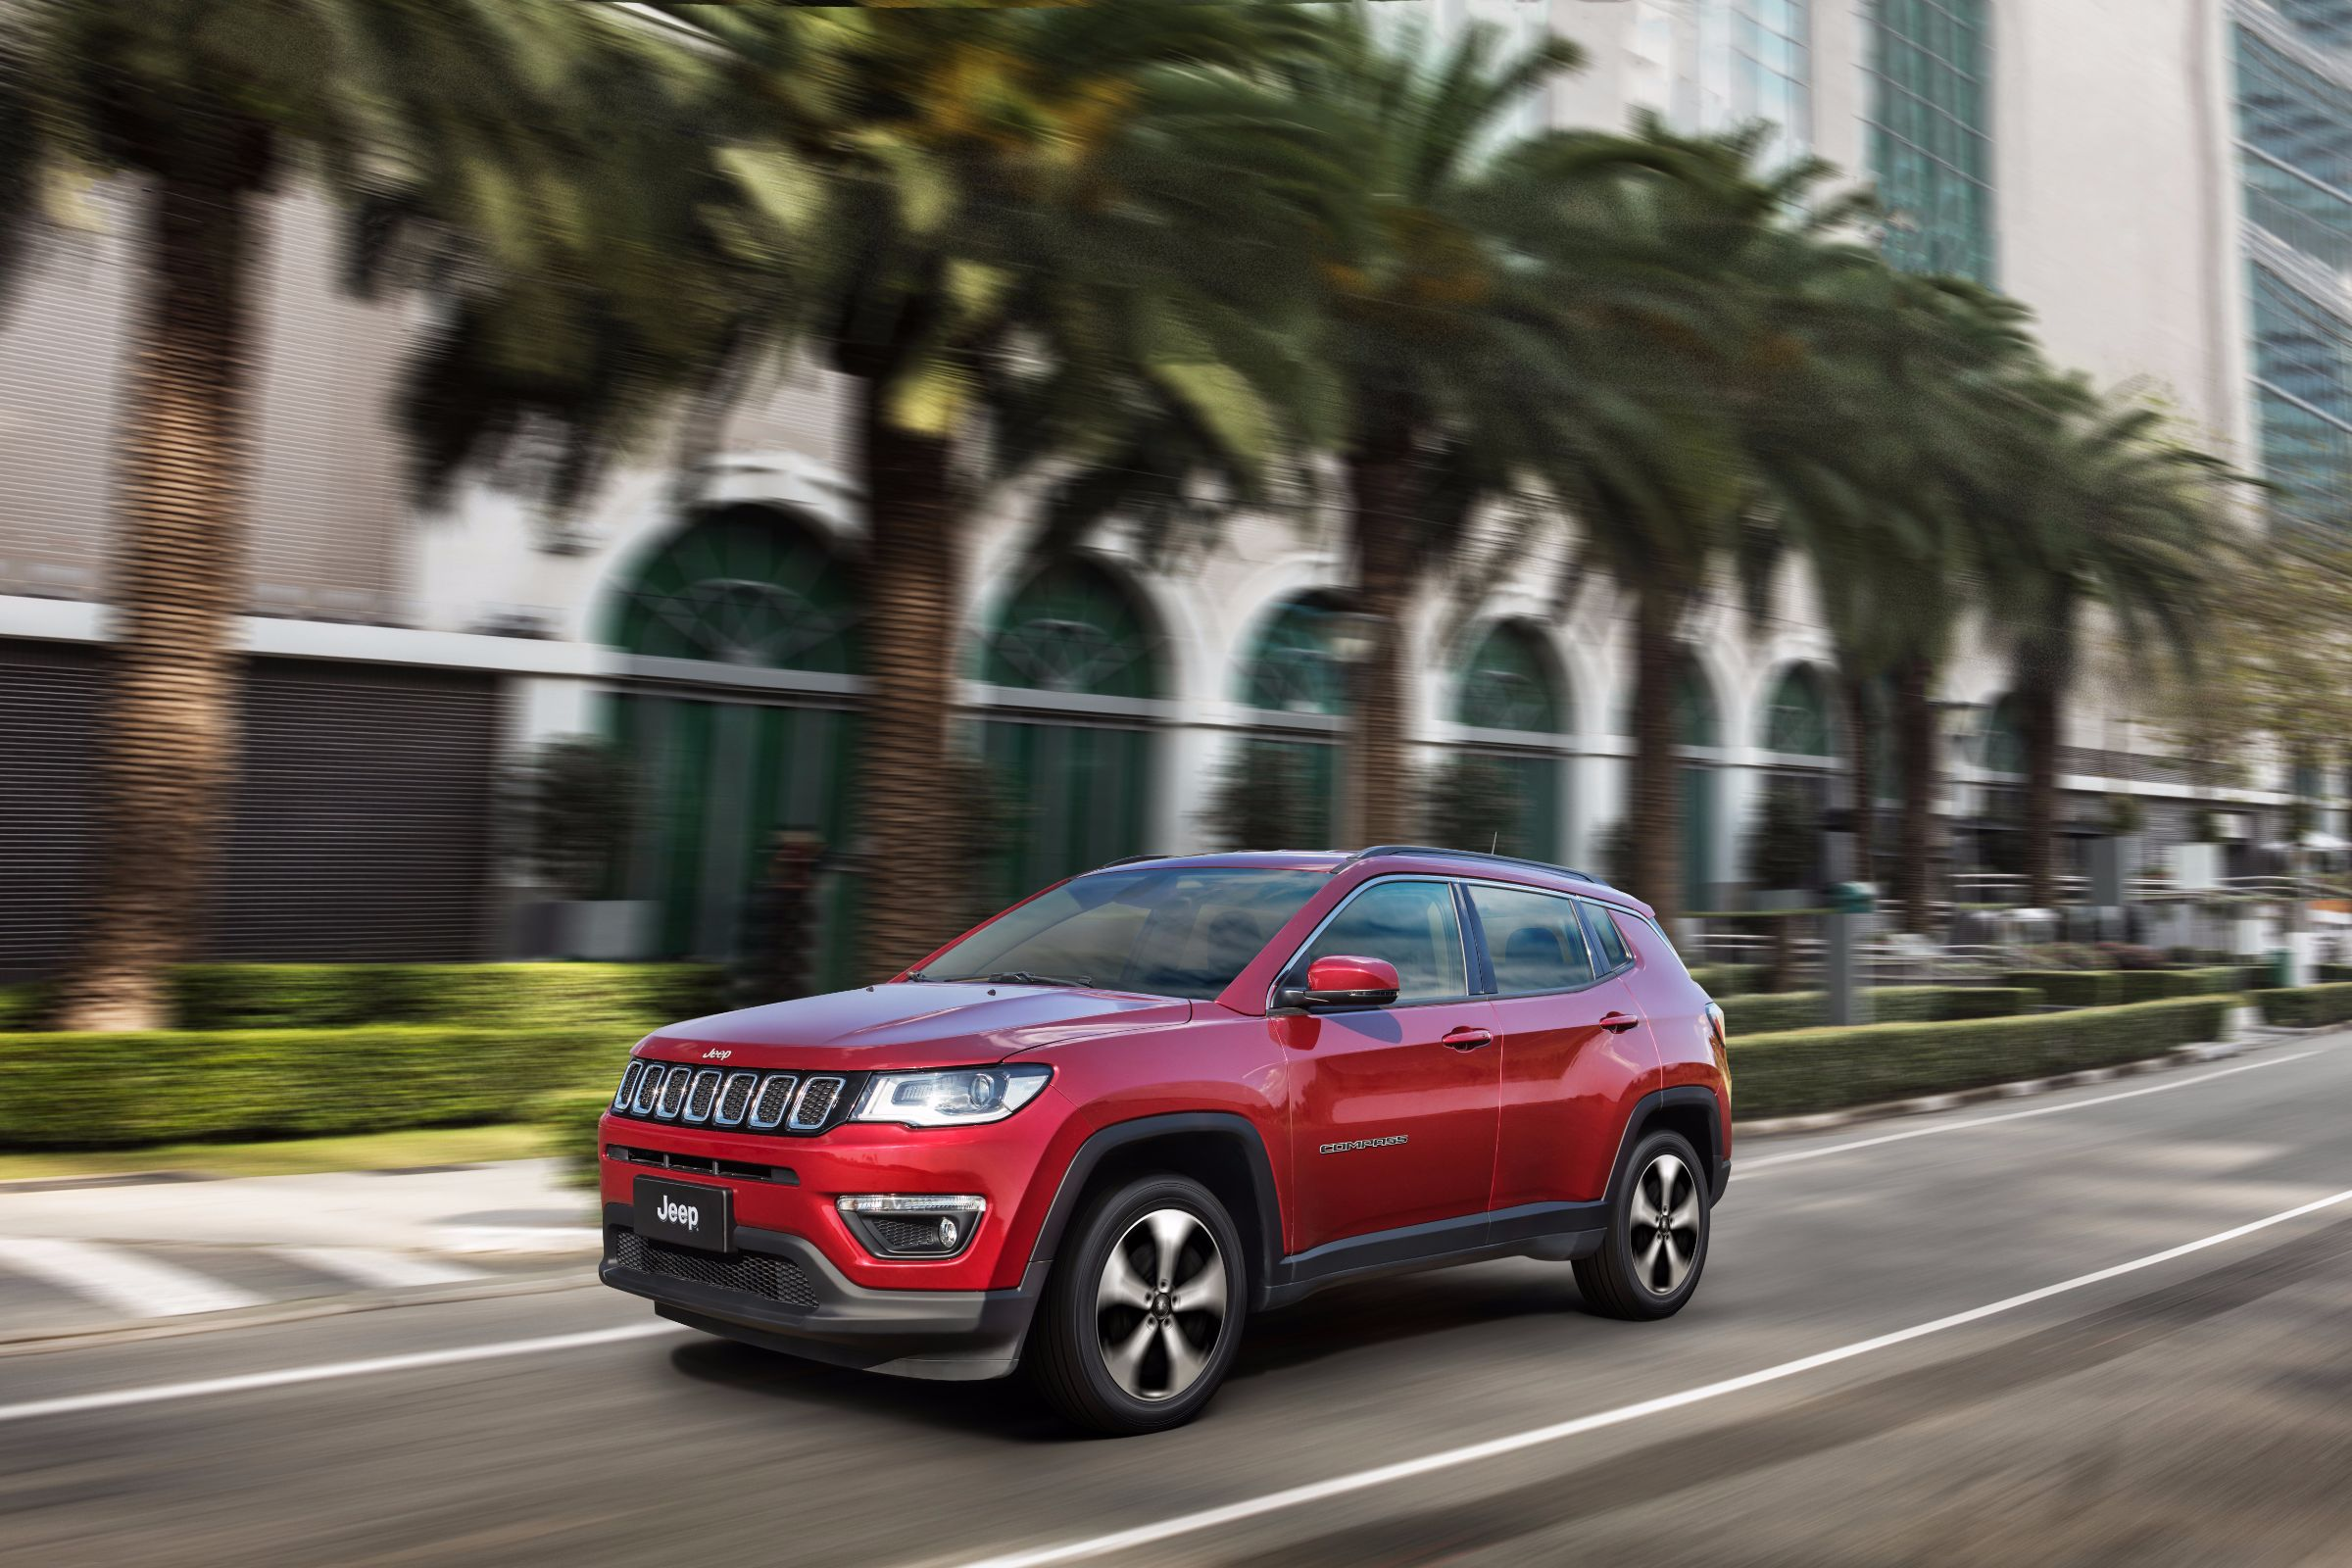 Testamos o Jeep Compass 2.0 Flex Longitude 4x2. Veja quais são os encantos do SUV mais vendido do Brasil, que desbancou o irmão Renegade.